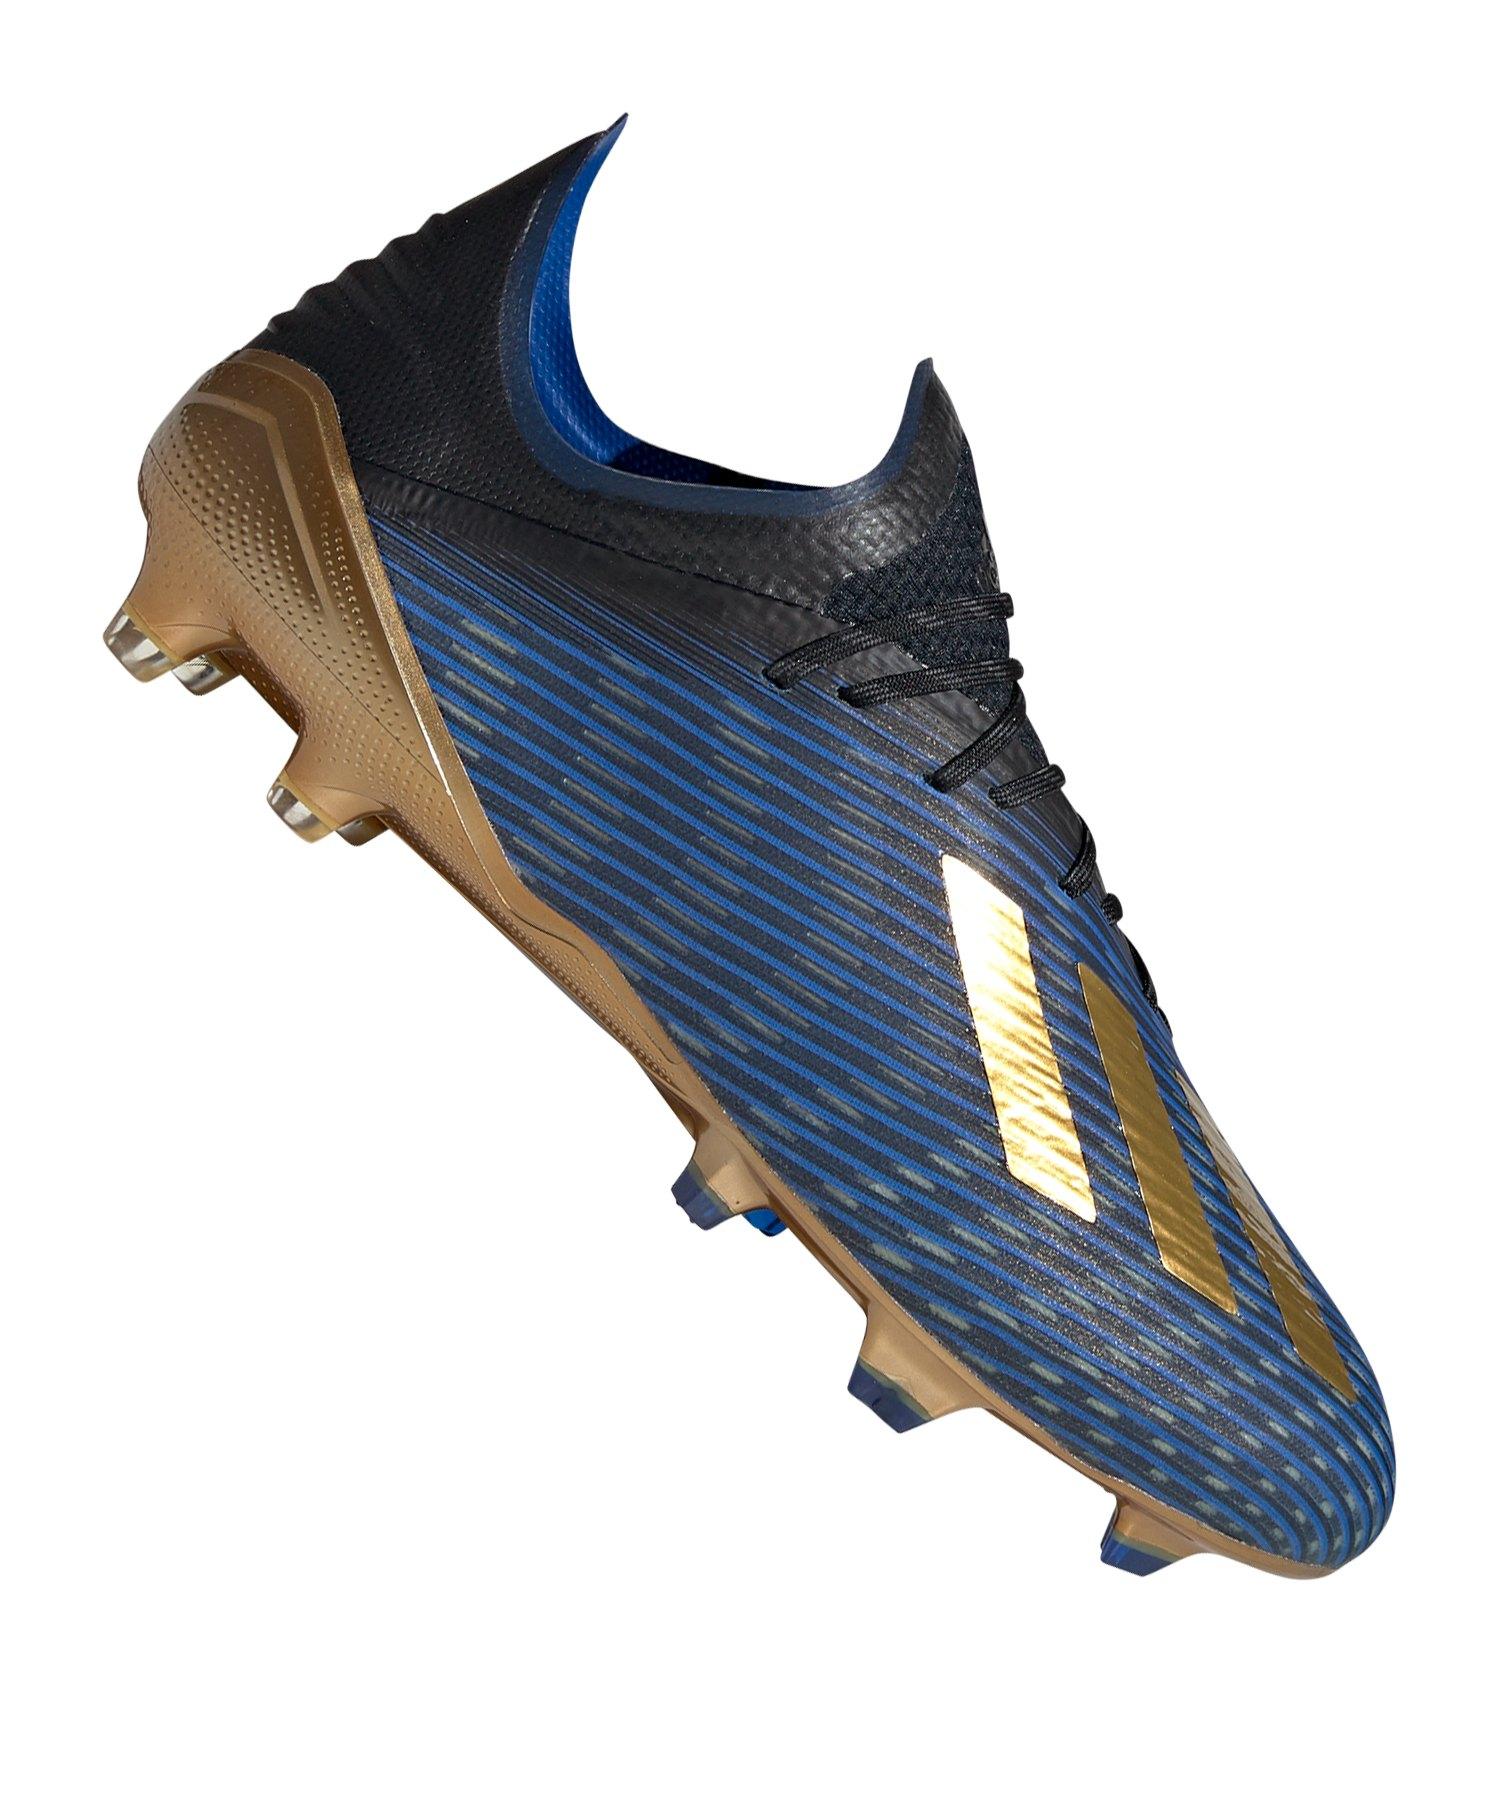 adidas X 19.1 FG Blau Gold Schwarz - blau